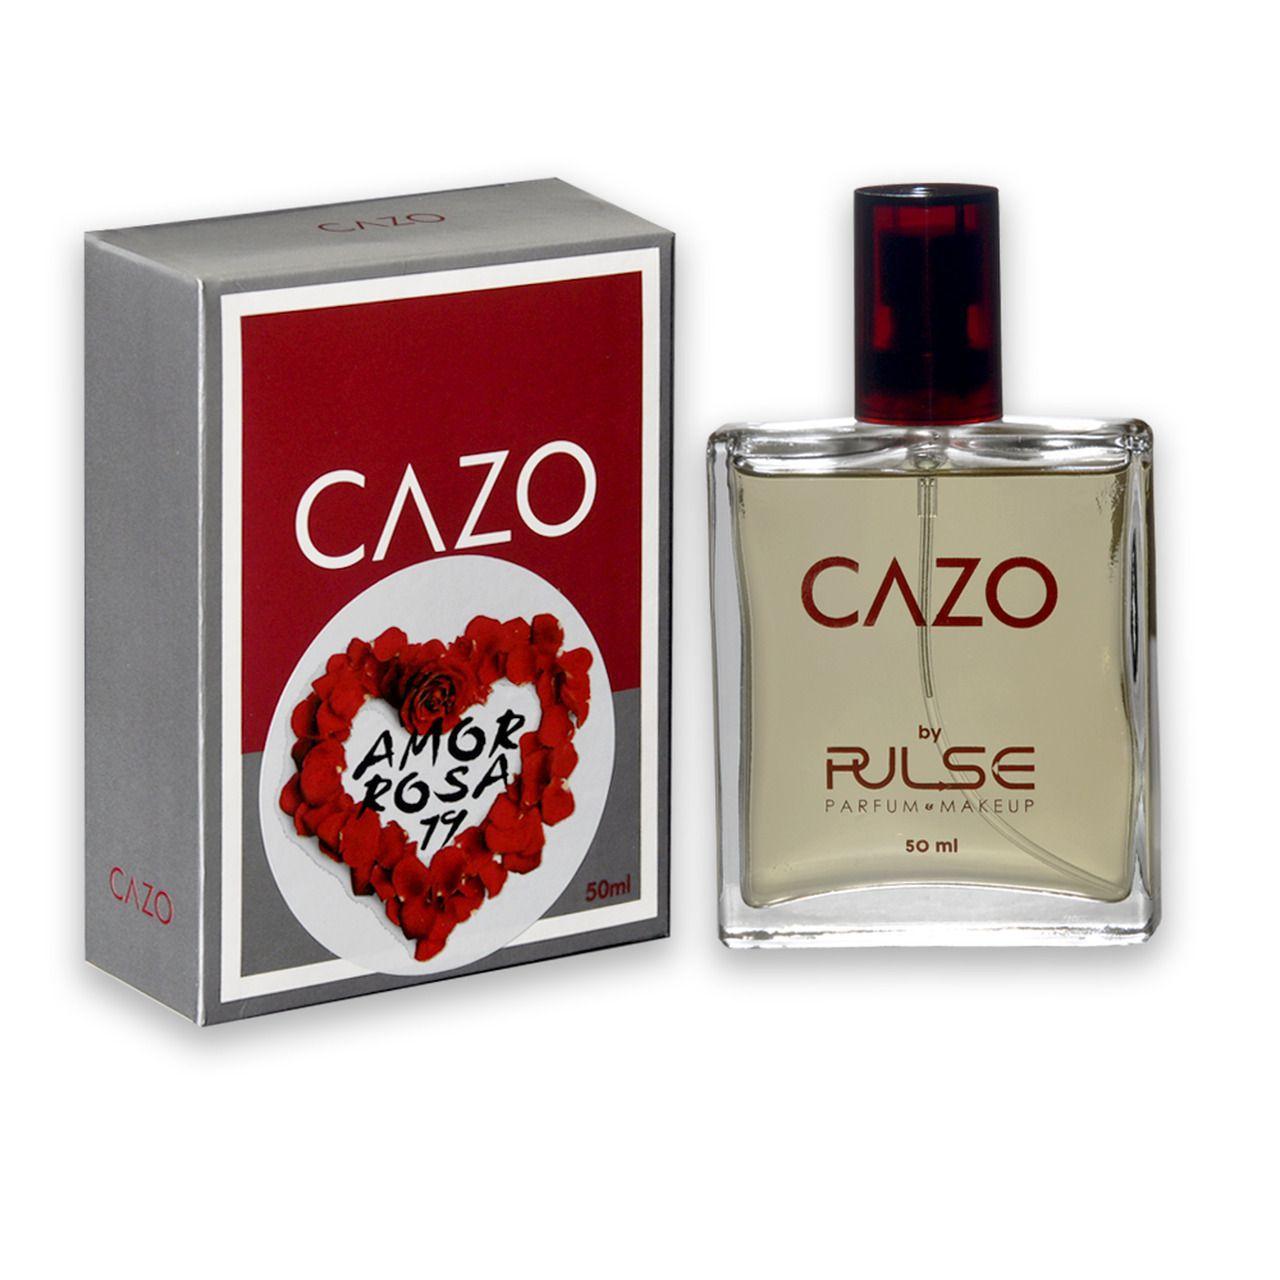 CAZO 19 - 50ml